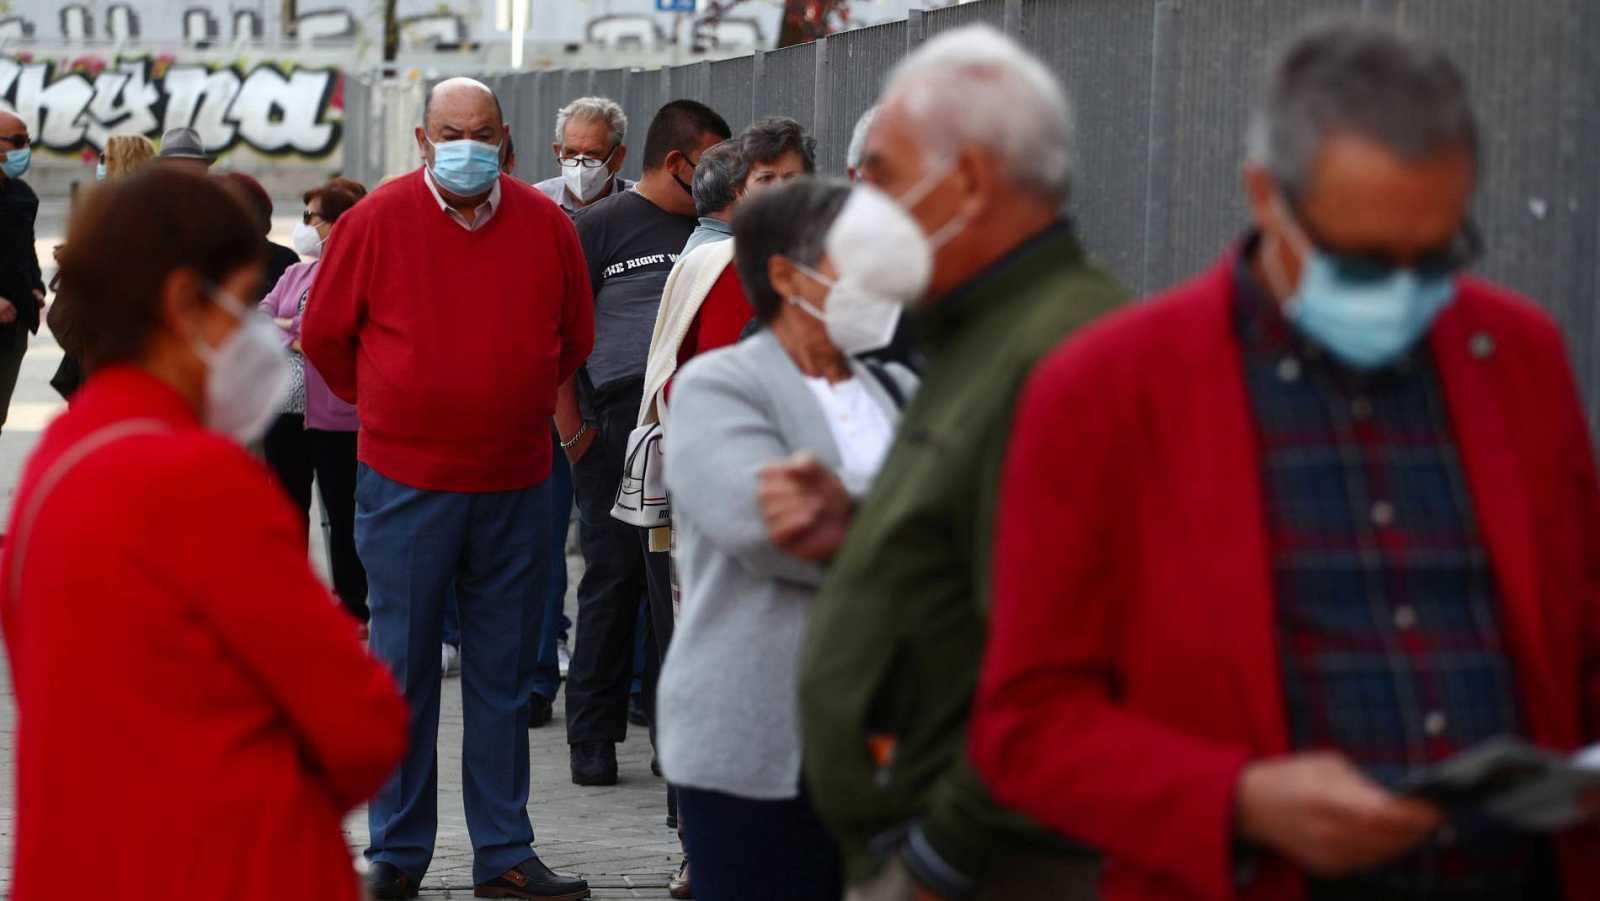 Vecinos de Puente de Vallecas hacen cola para someterse a test de antígenos para detectar coronavirus